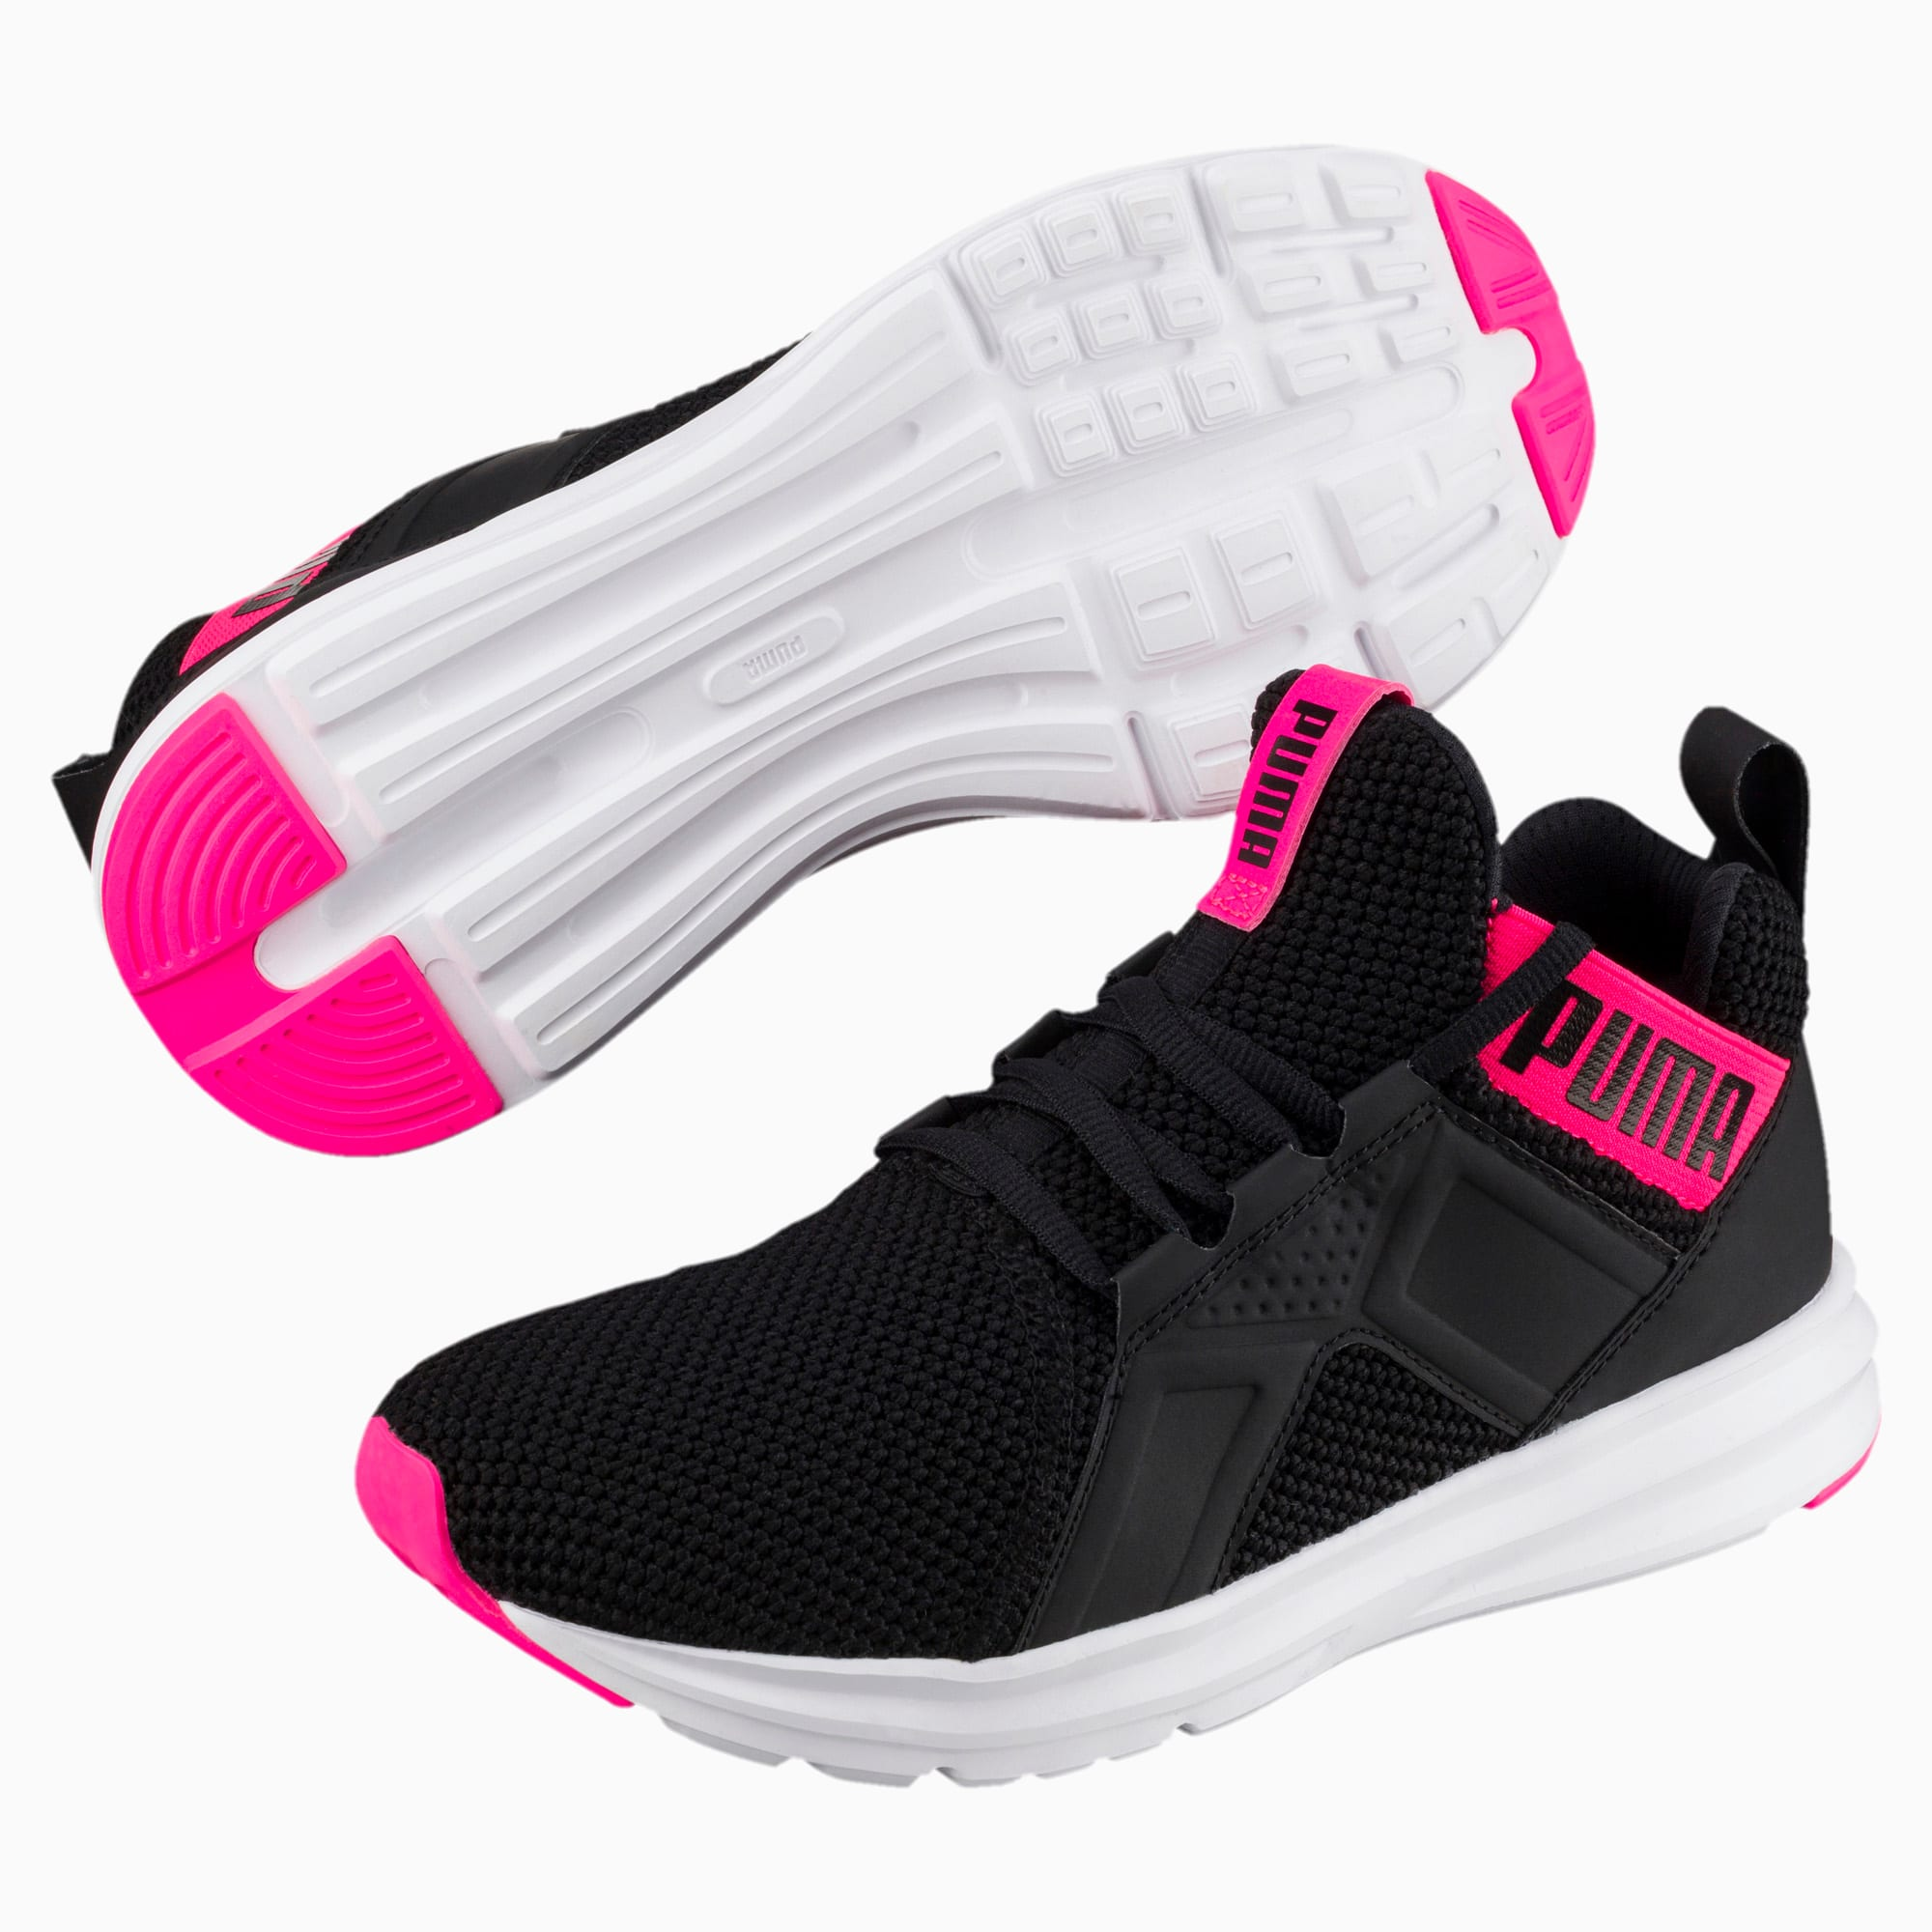 Enzo Weave Women's Sneakers